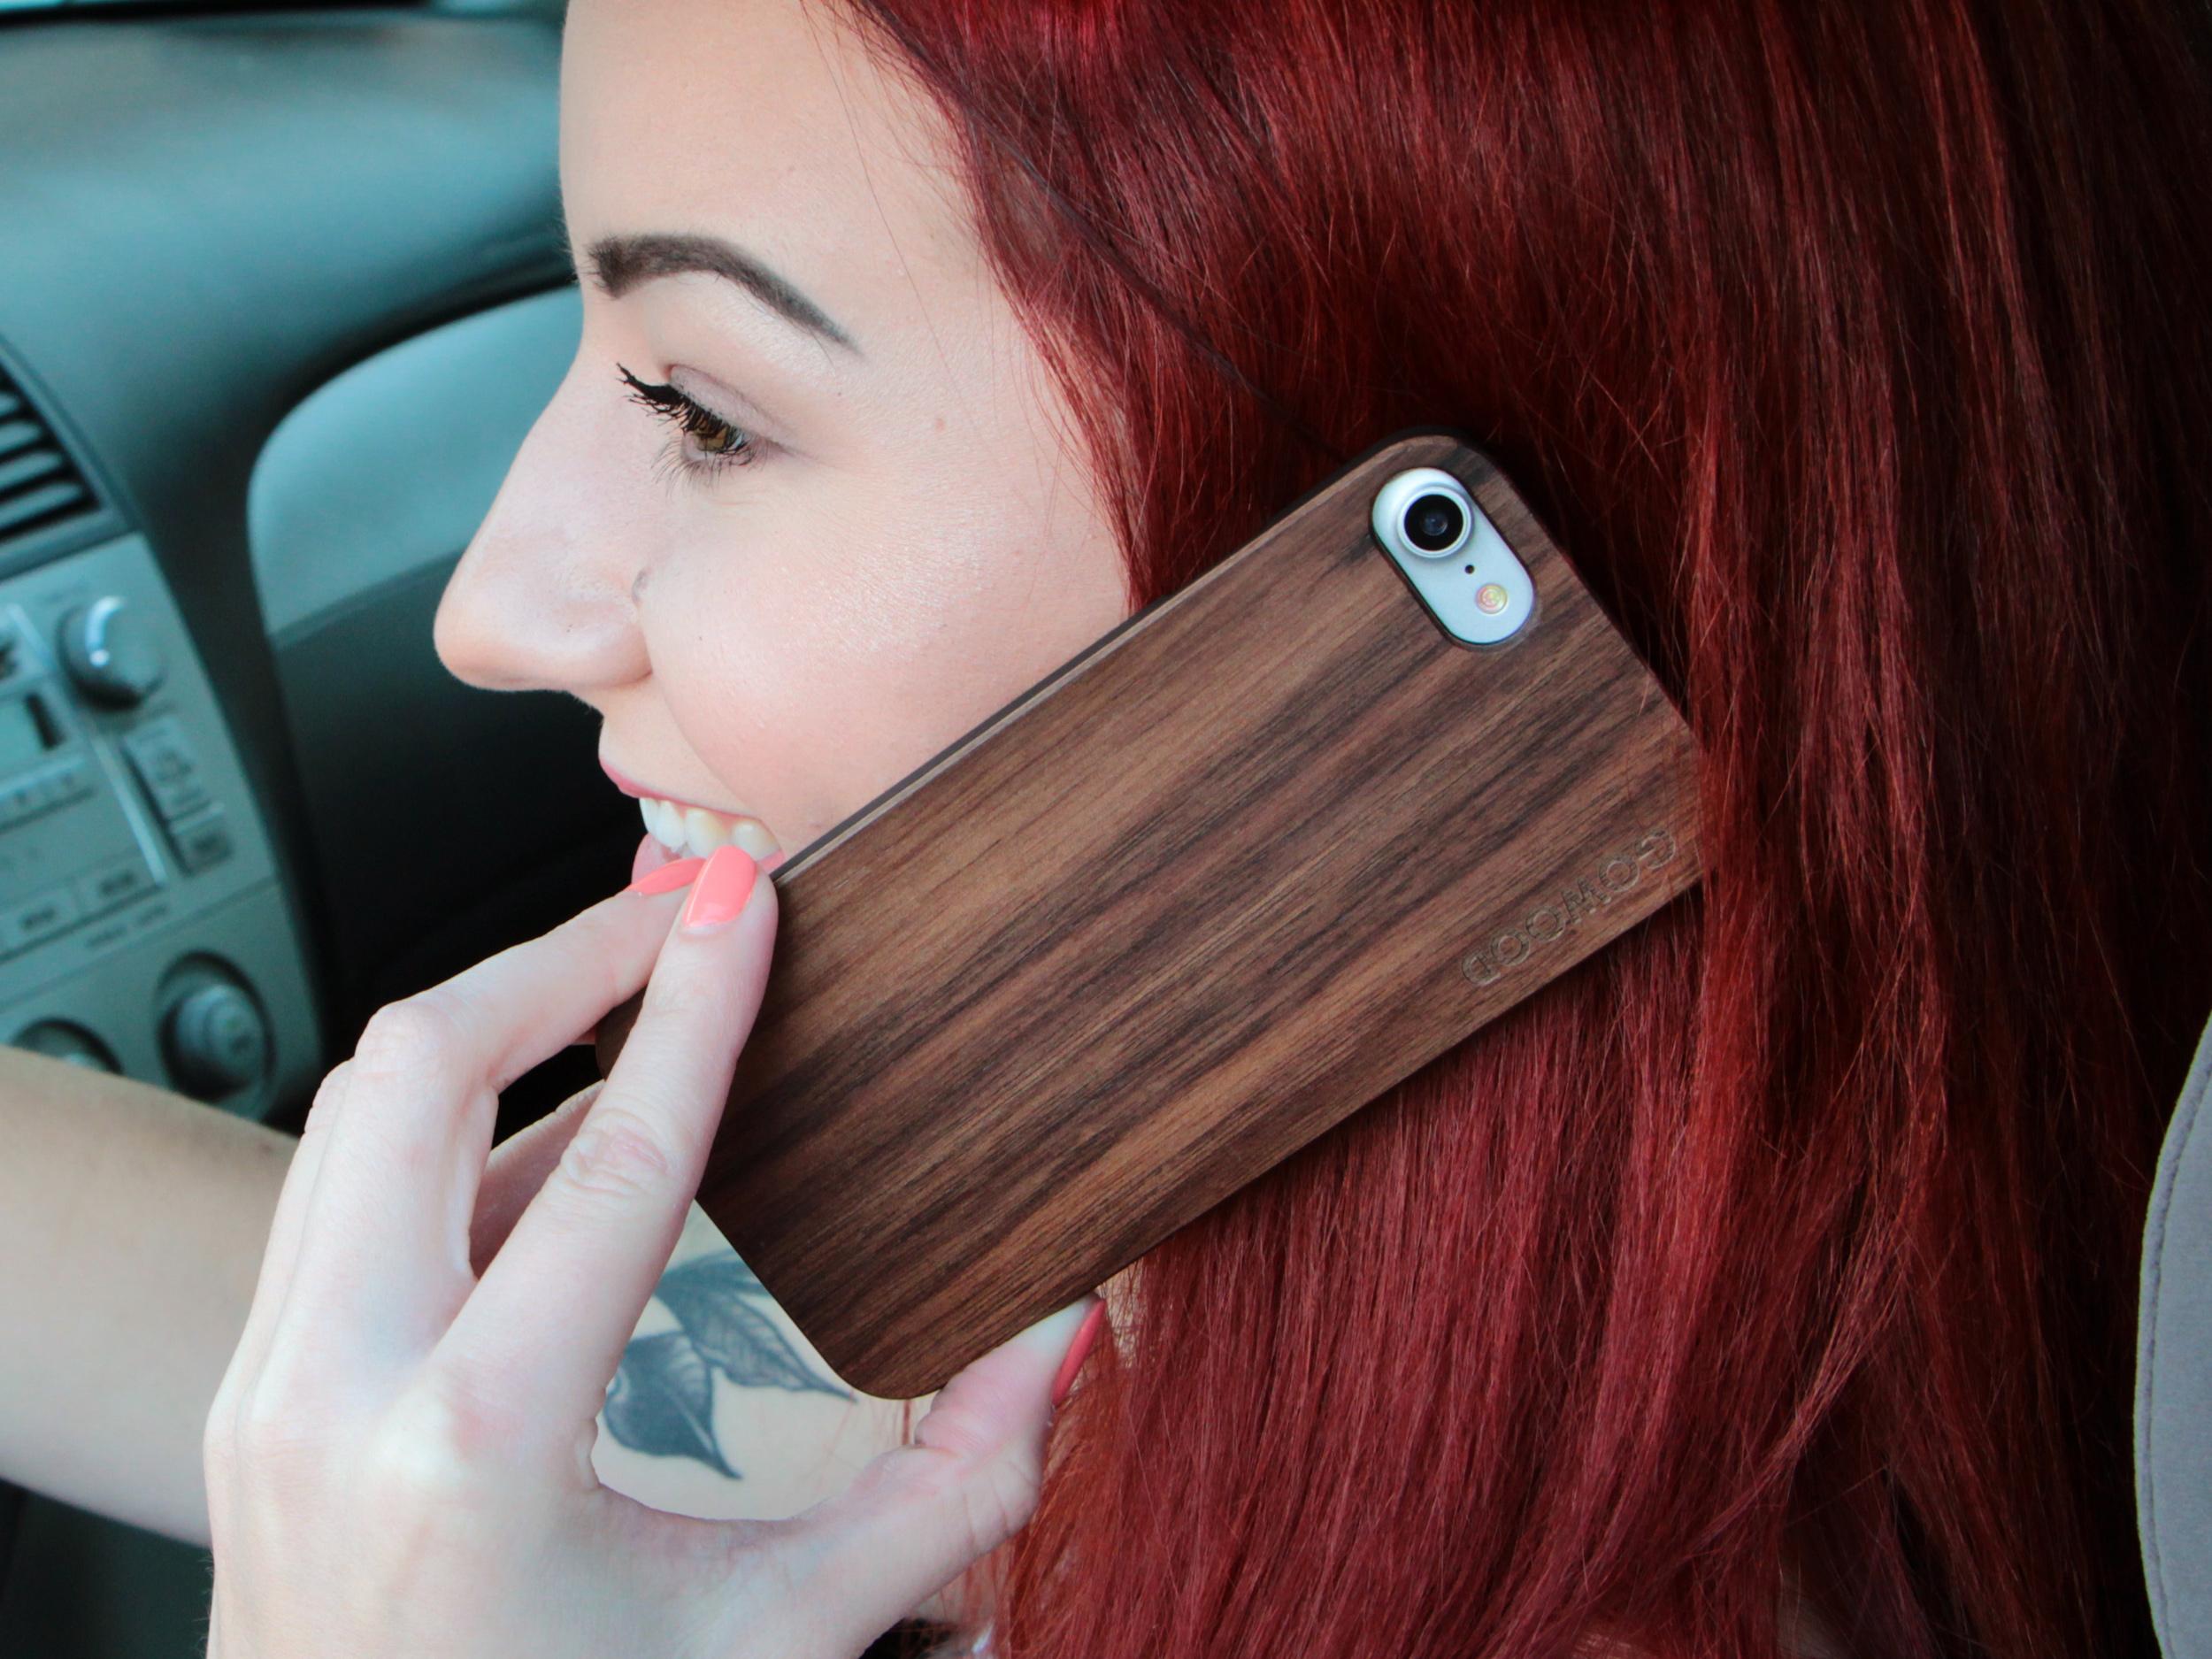 iPhone 7 hoesje walnoot hout gebruiker 3